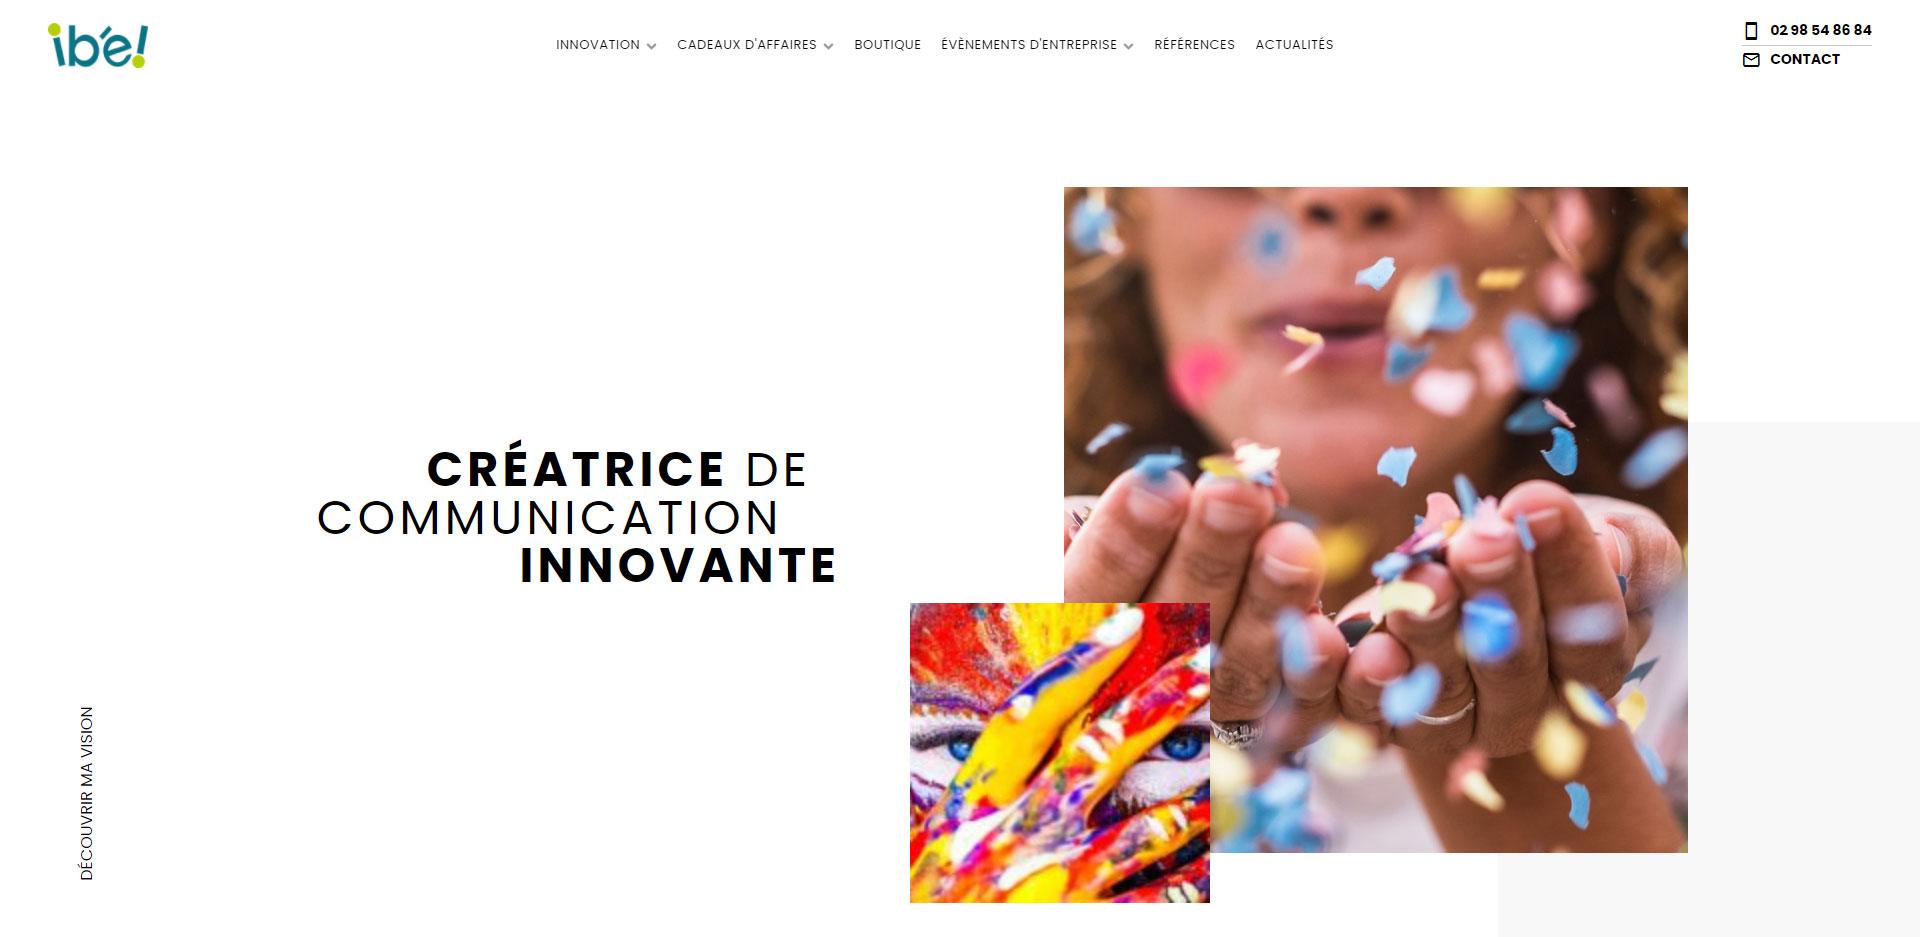 Ibe - Agence de communication par l'objet et en événementiel à Concarneau